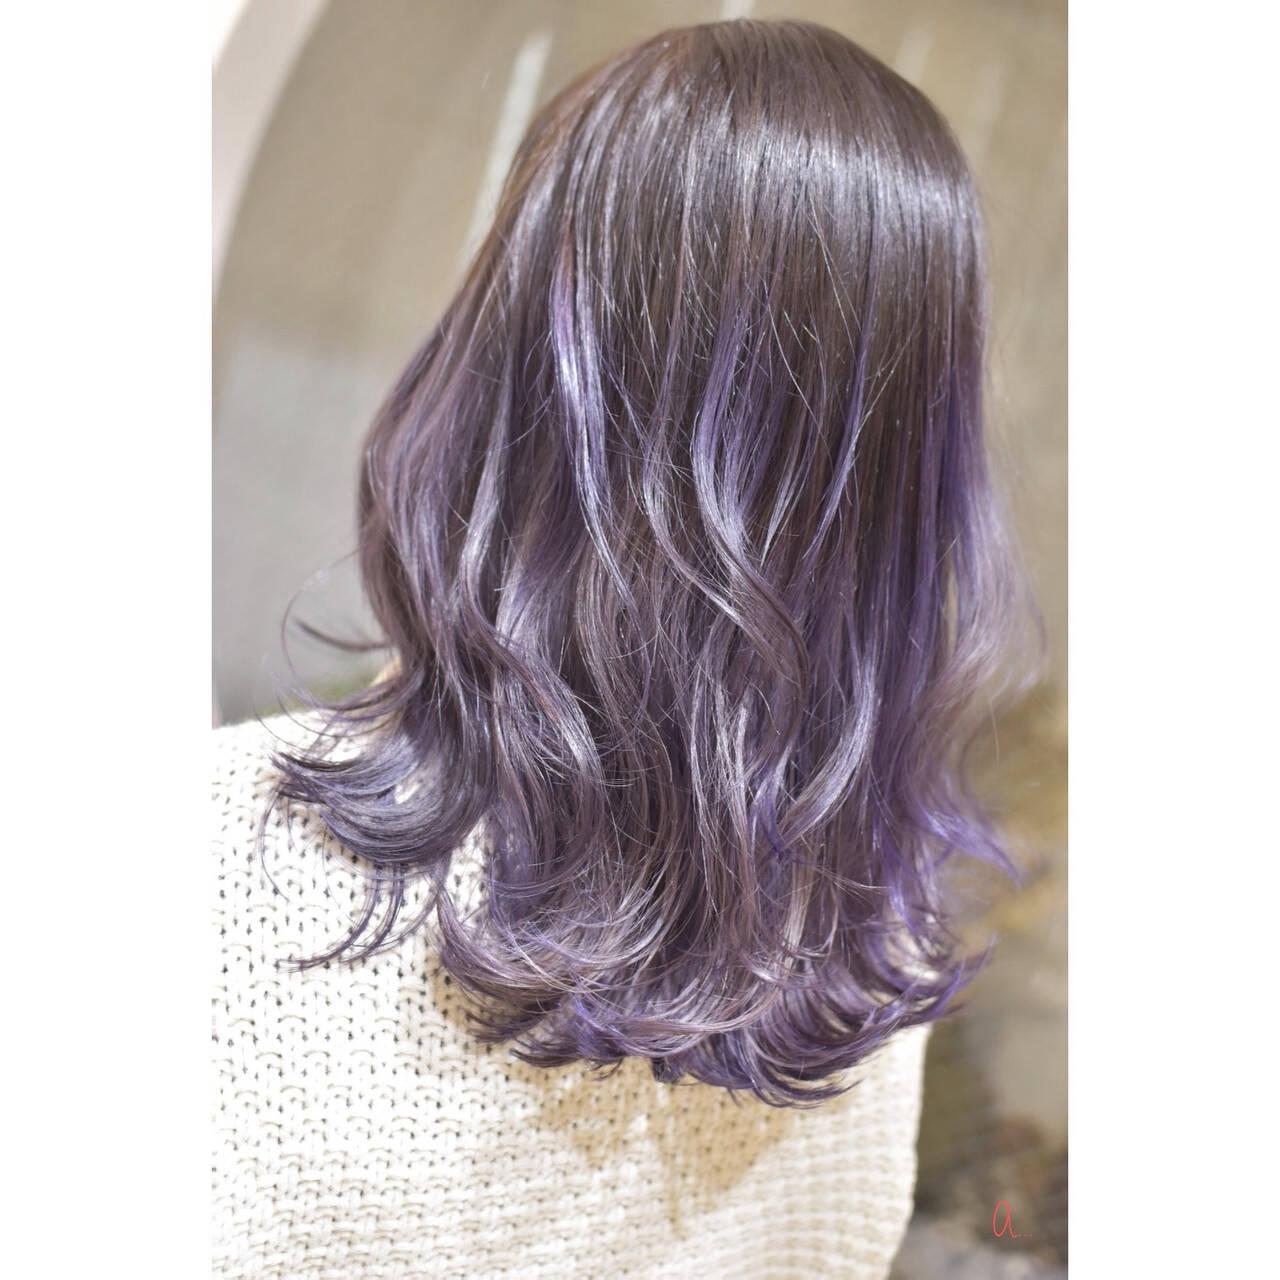 セミロング モード パープルカラー ブルーバイオレットヘアスタイルや髪型の写真・画像